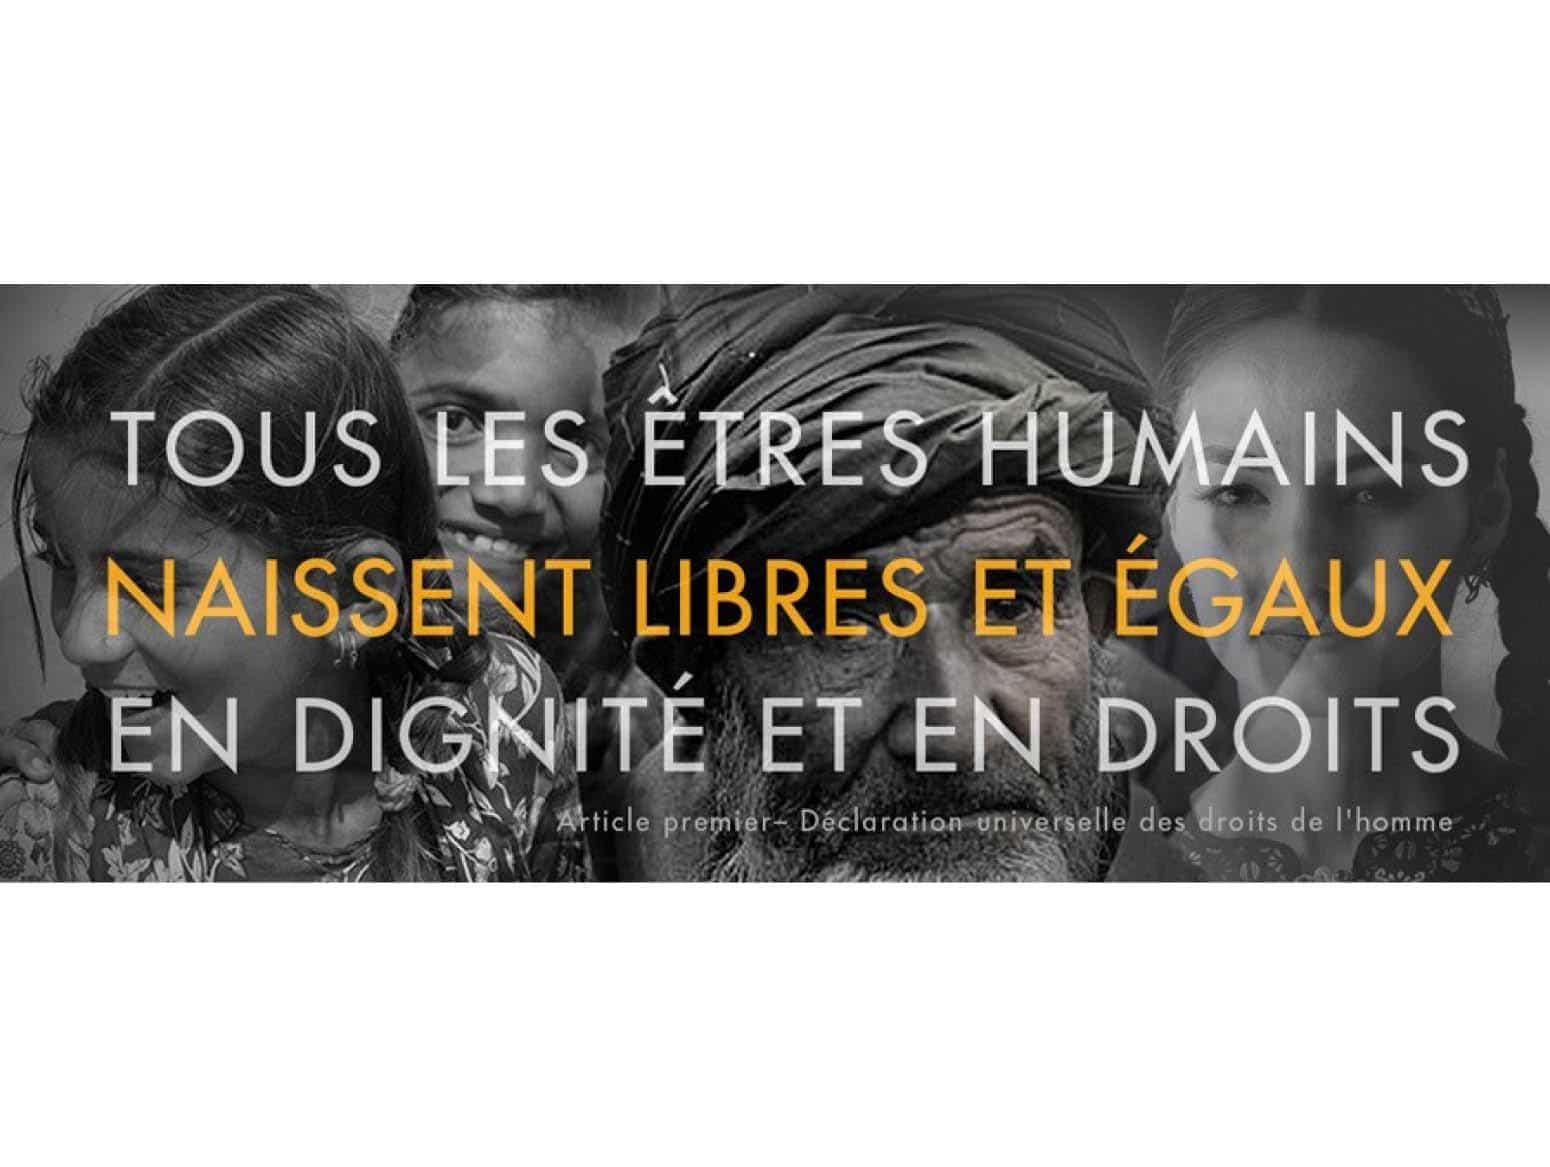 Enjeux et histoire des Droits humains: de la Déclaration Universelle des Droits de l'Homme aux Objectifs de Développement Durable